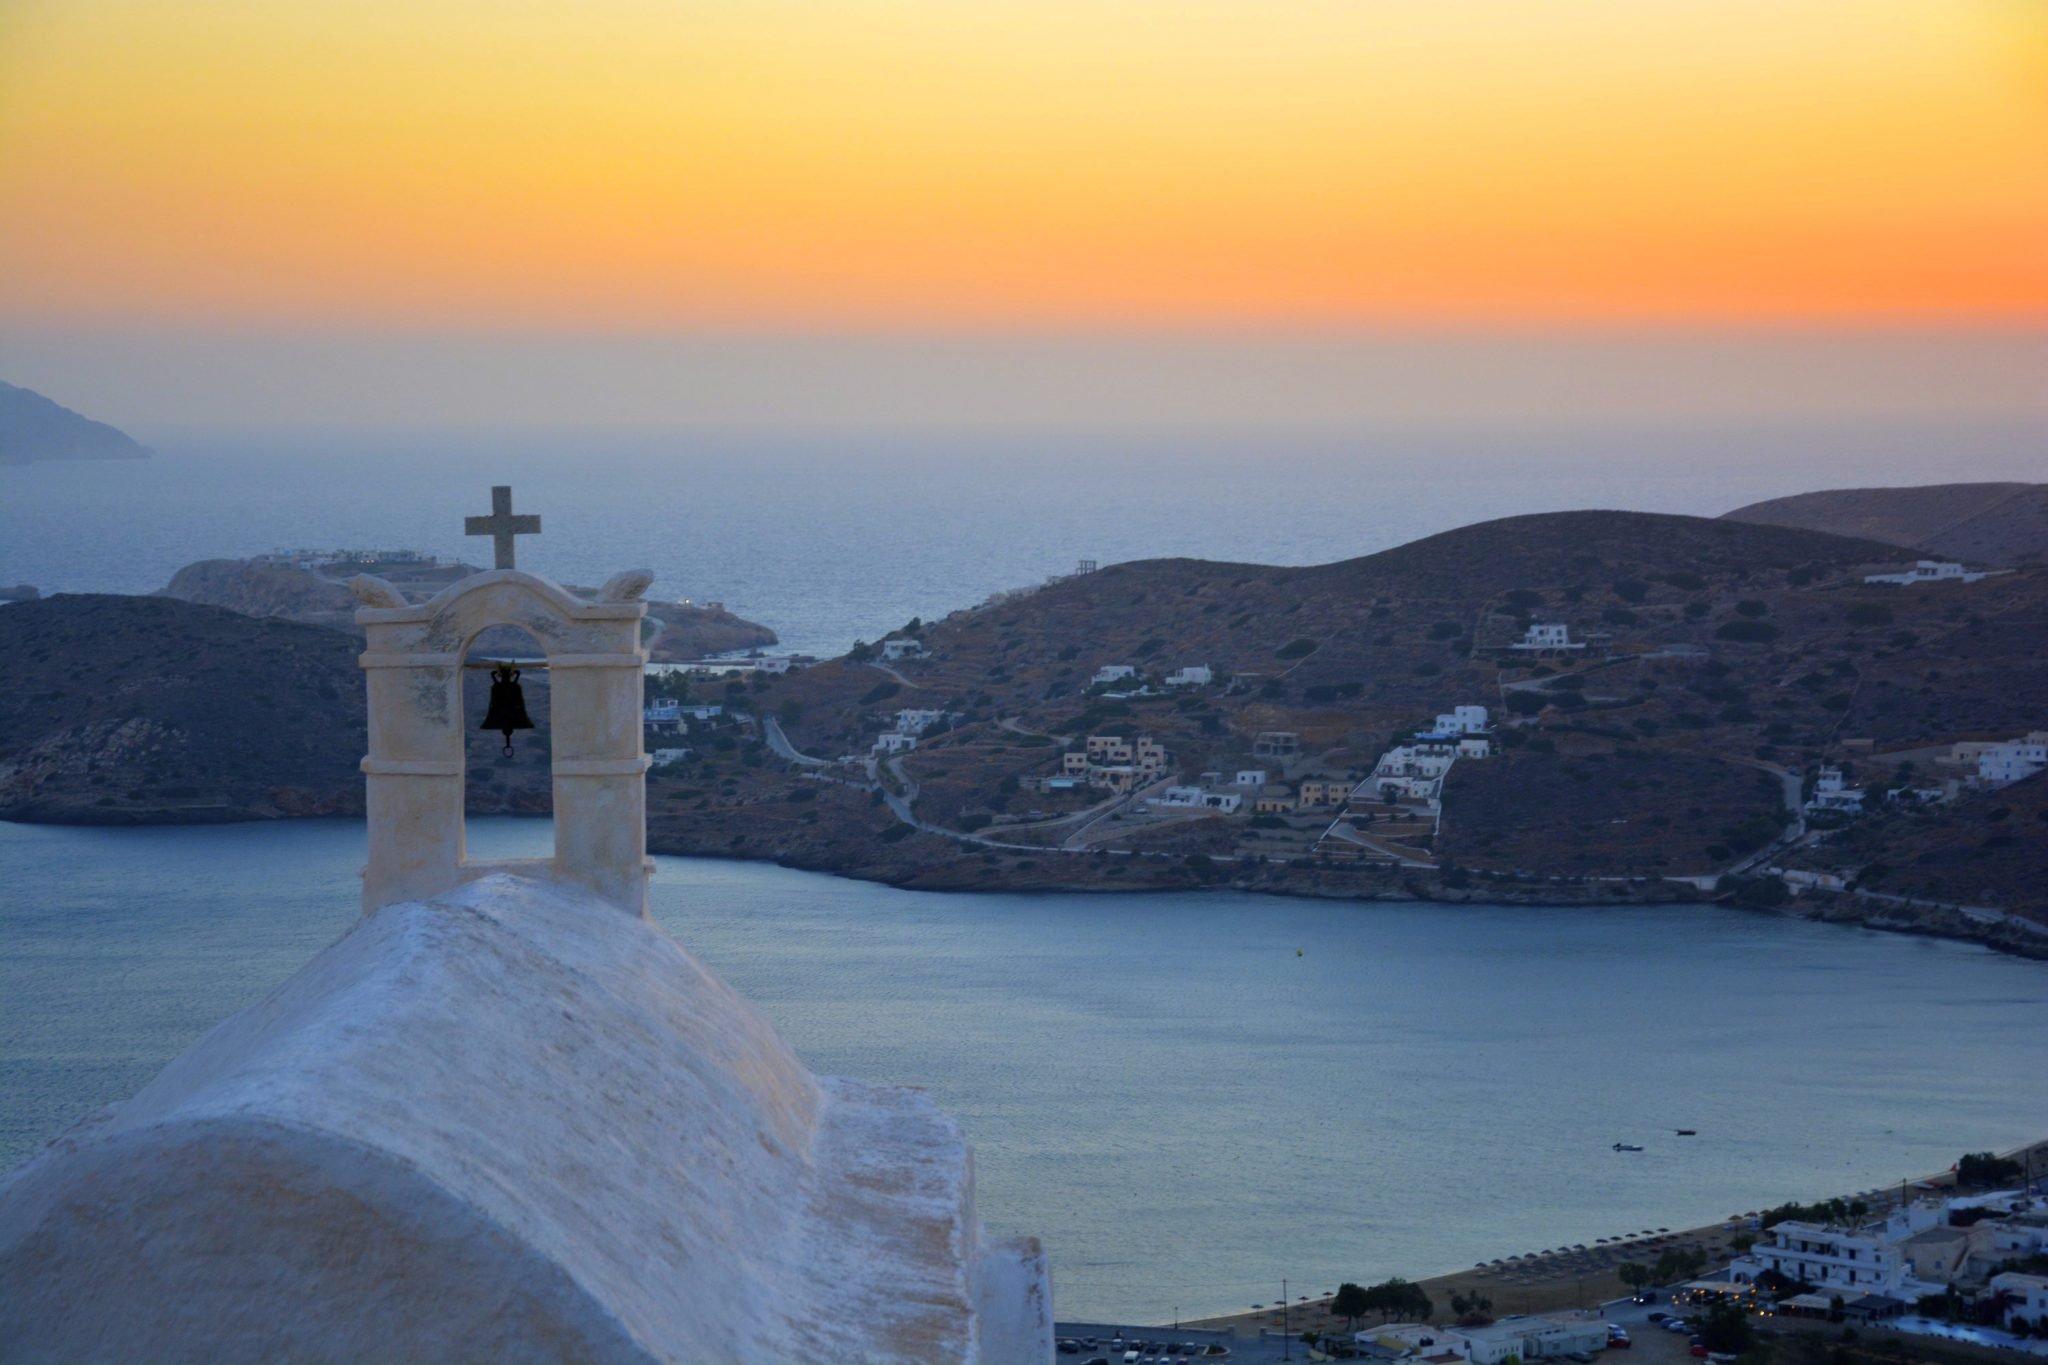 Beautiful sunset in the greek island, Ios.